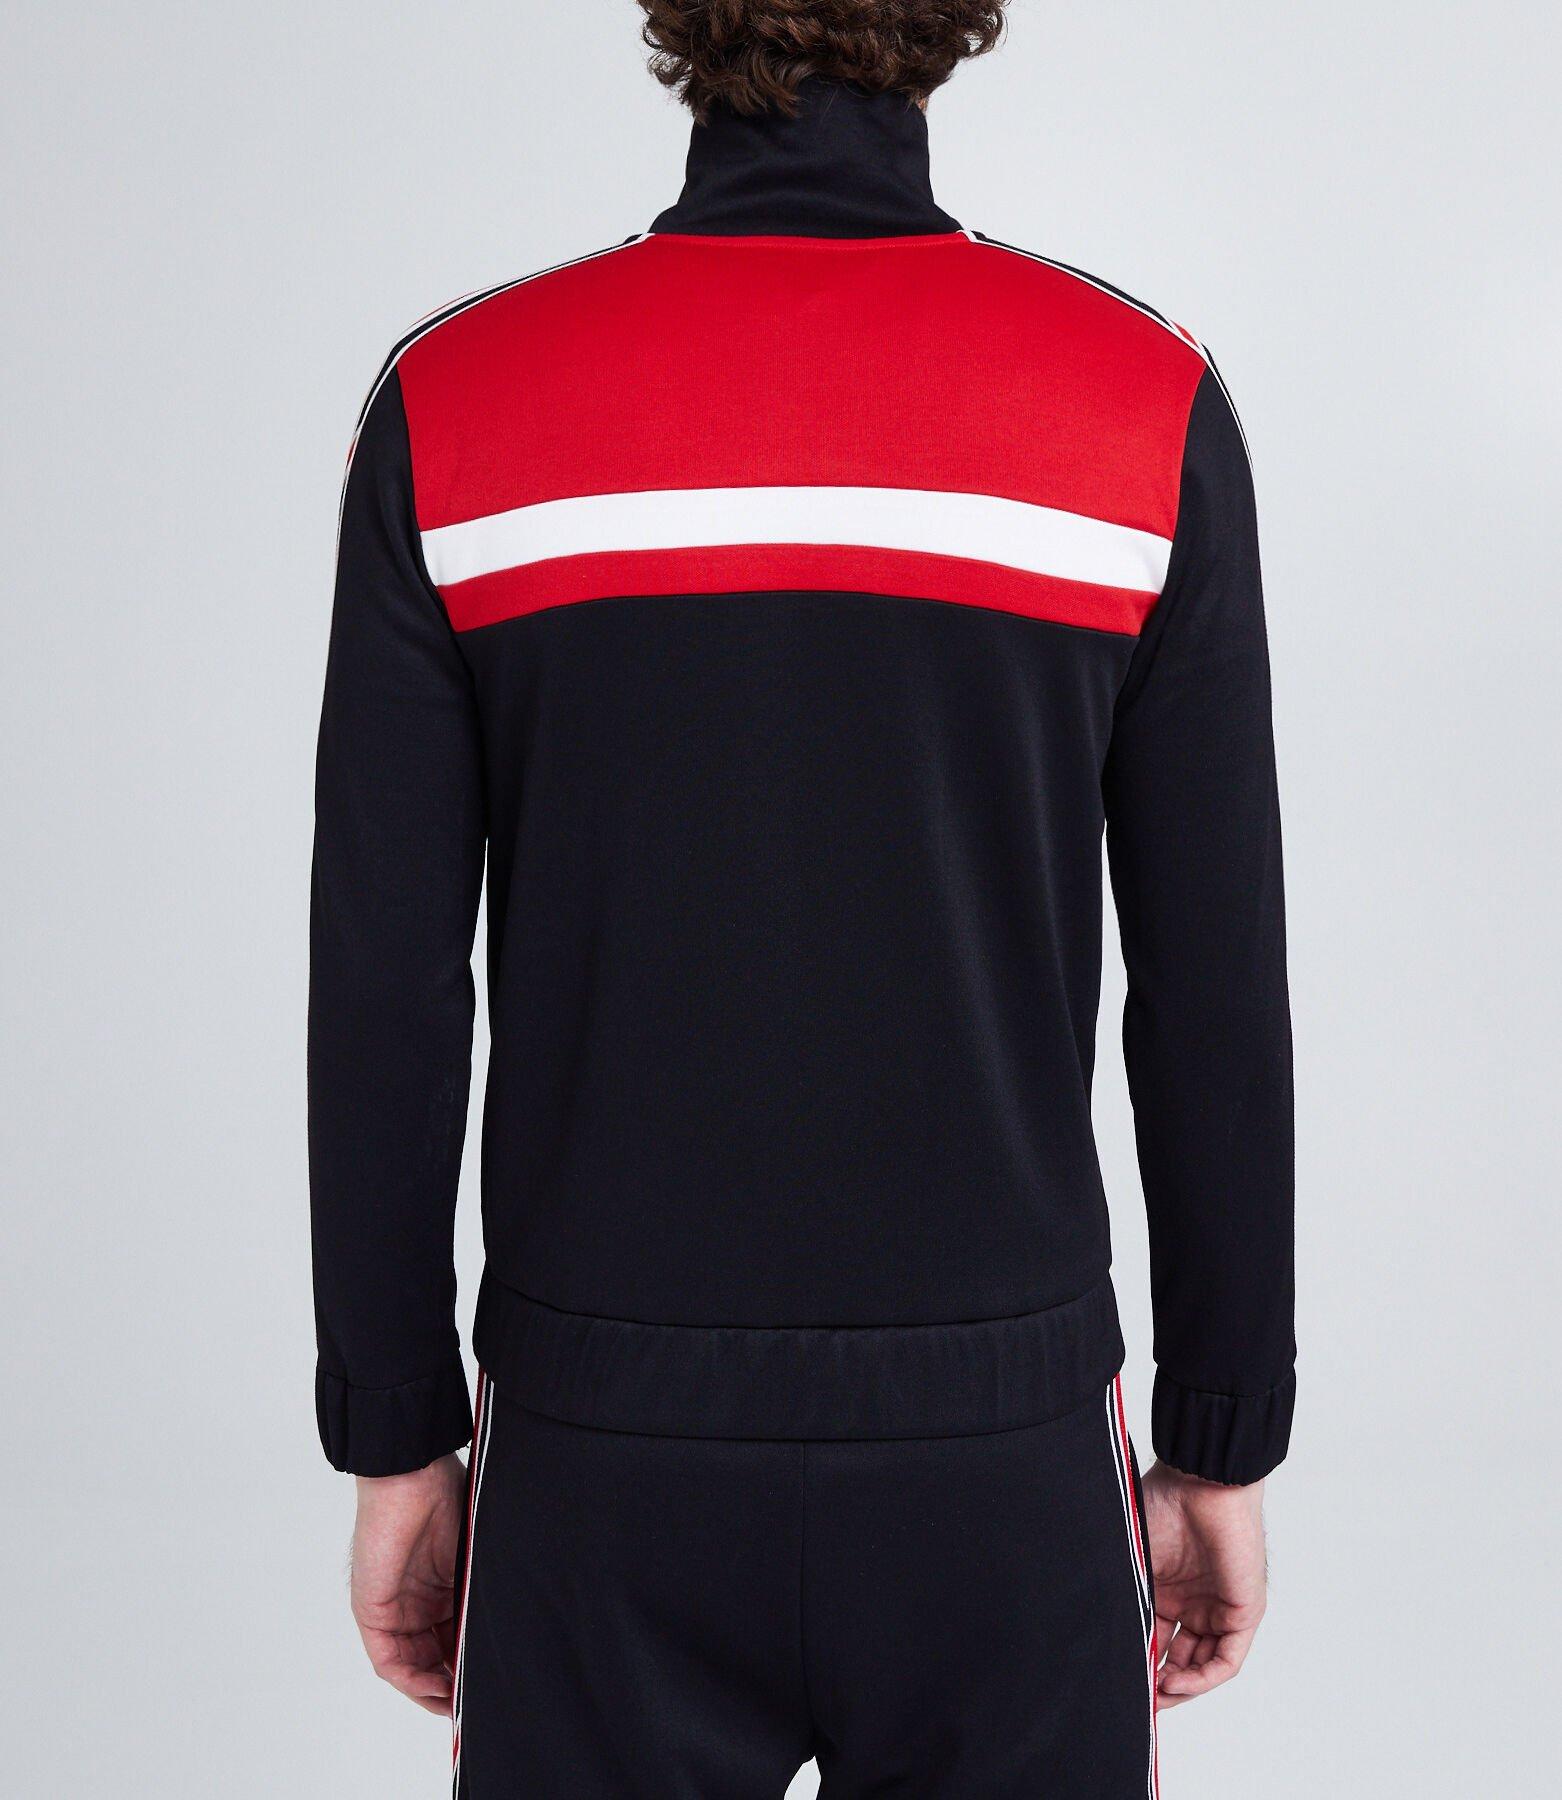 Veste de survêtement color block zippée